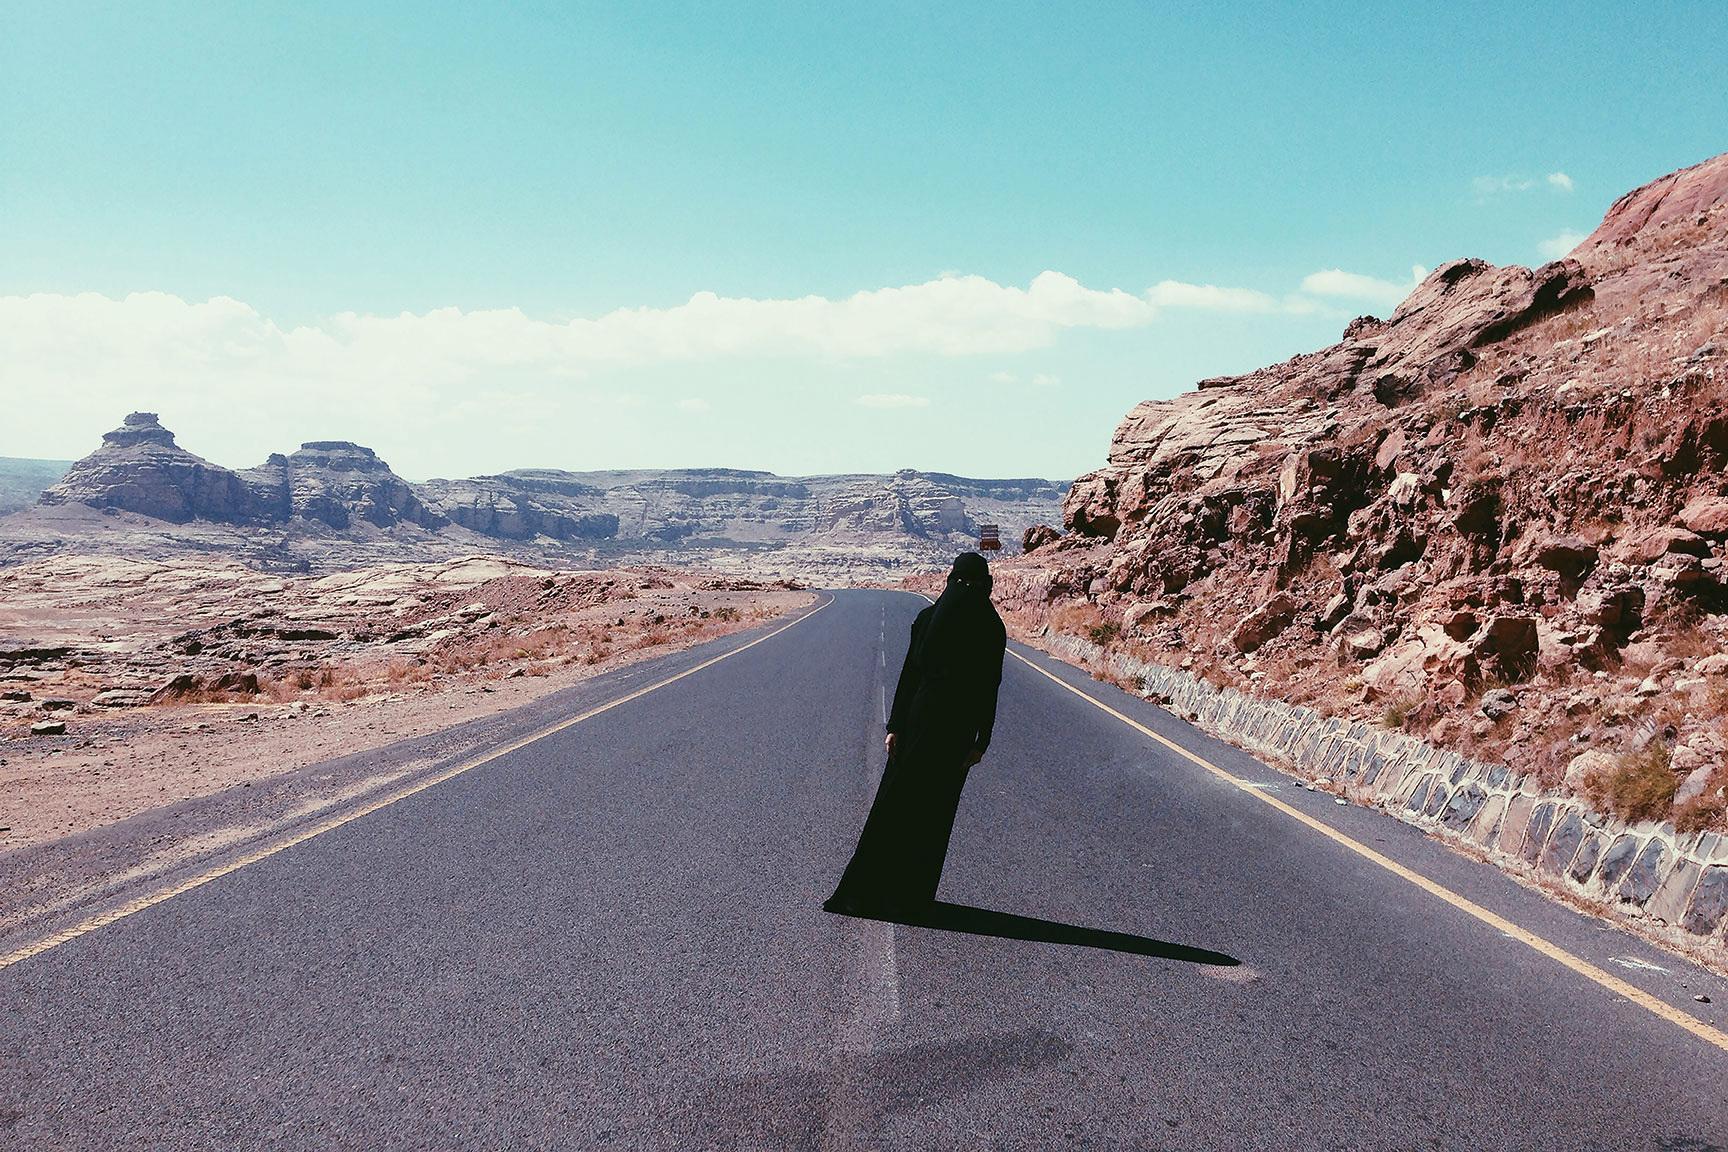 Une femme qui porte un voile noir se tient debout au milieu d'une route dans un paysage désertique.